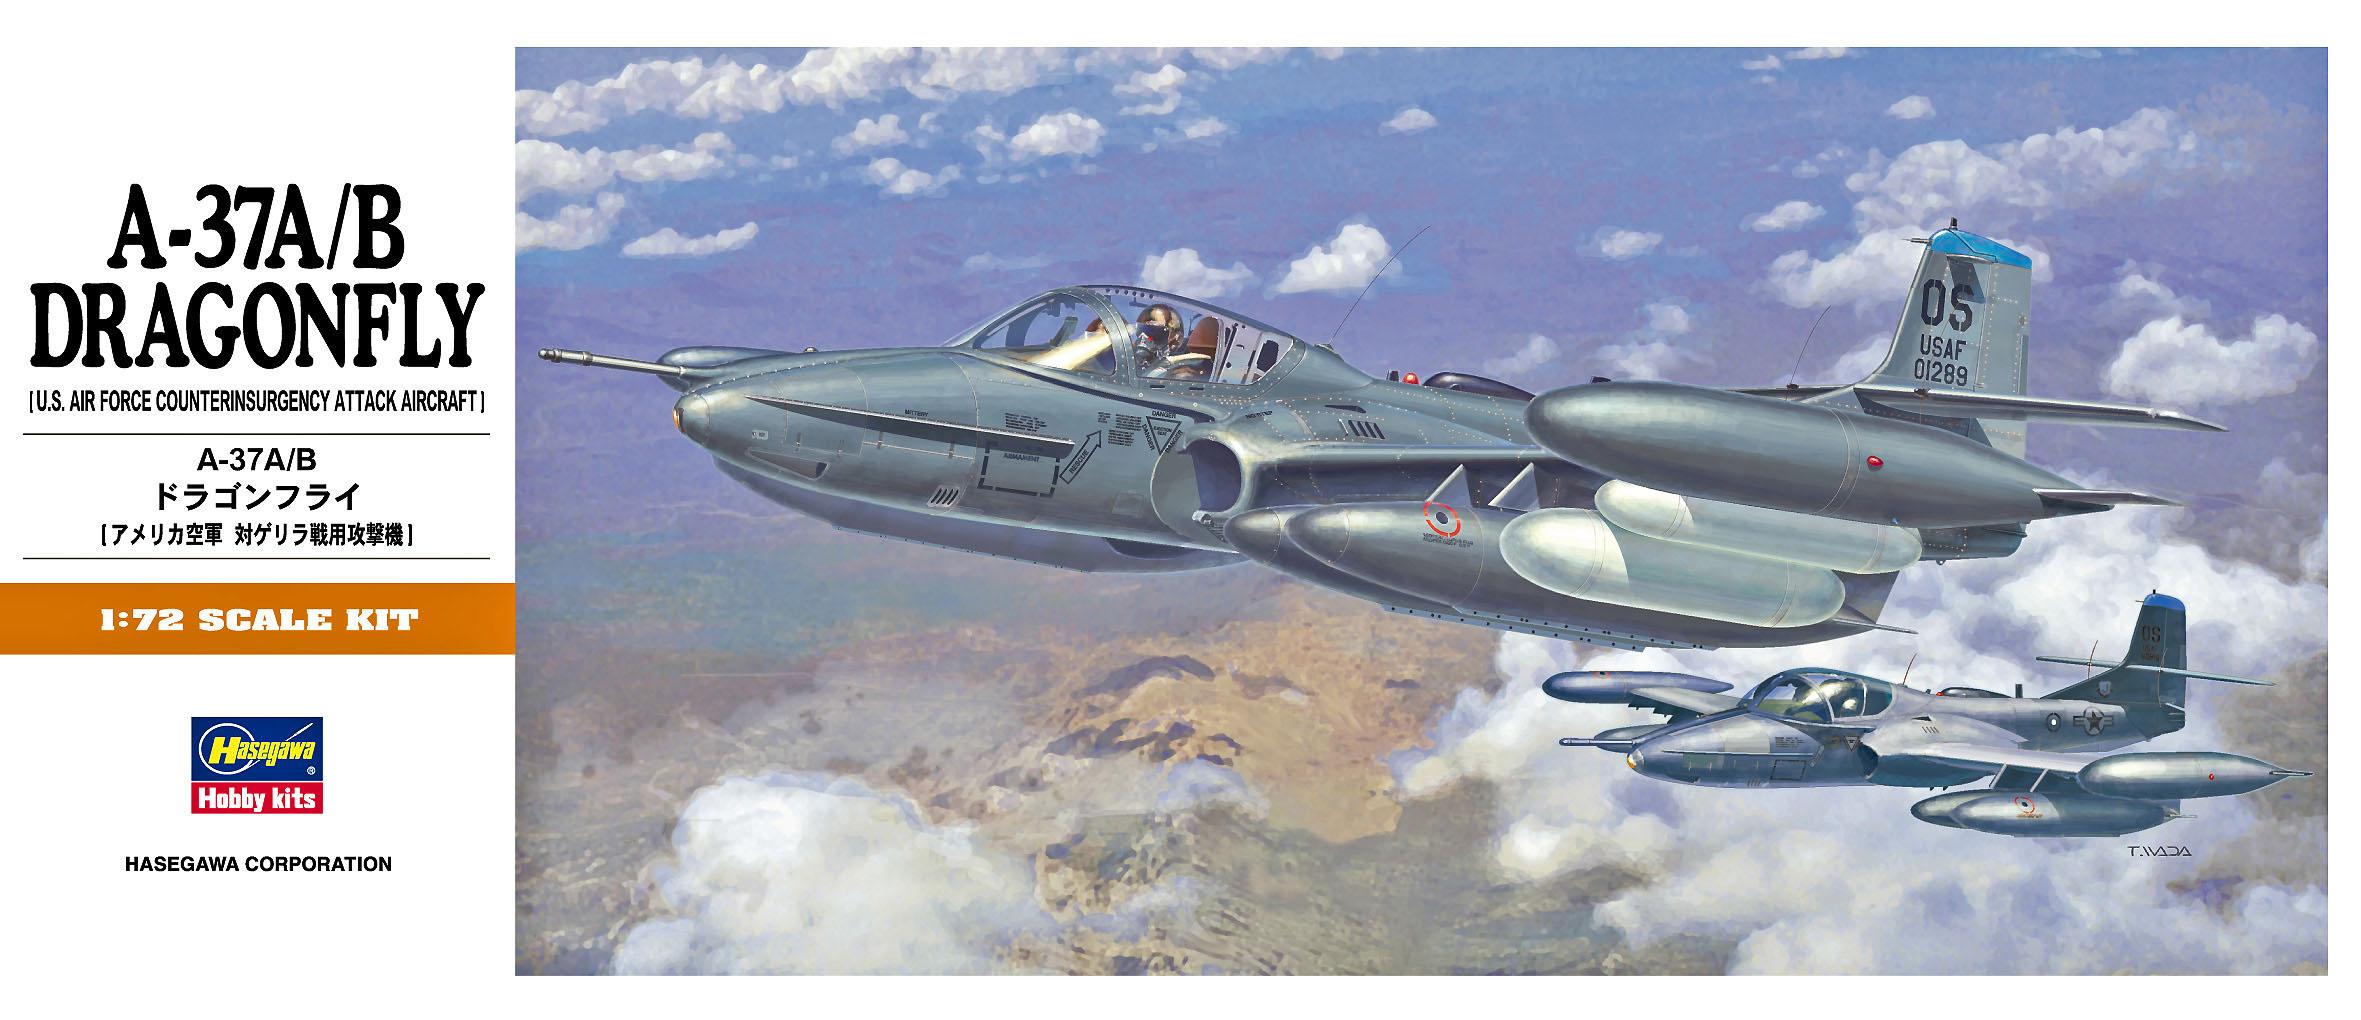 Hasegawa 1/72 A-37A/B Dragonfly